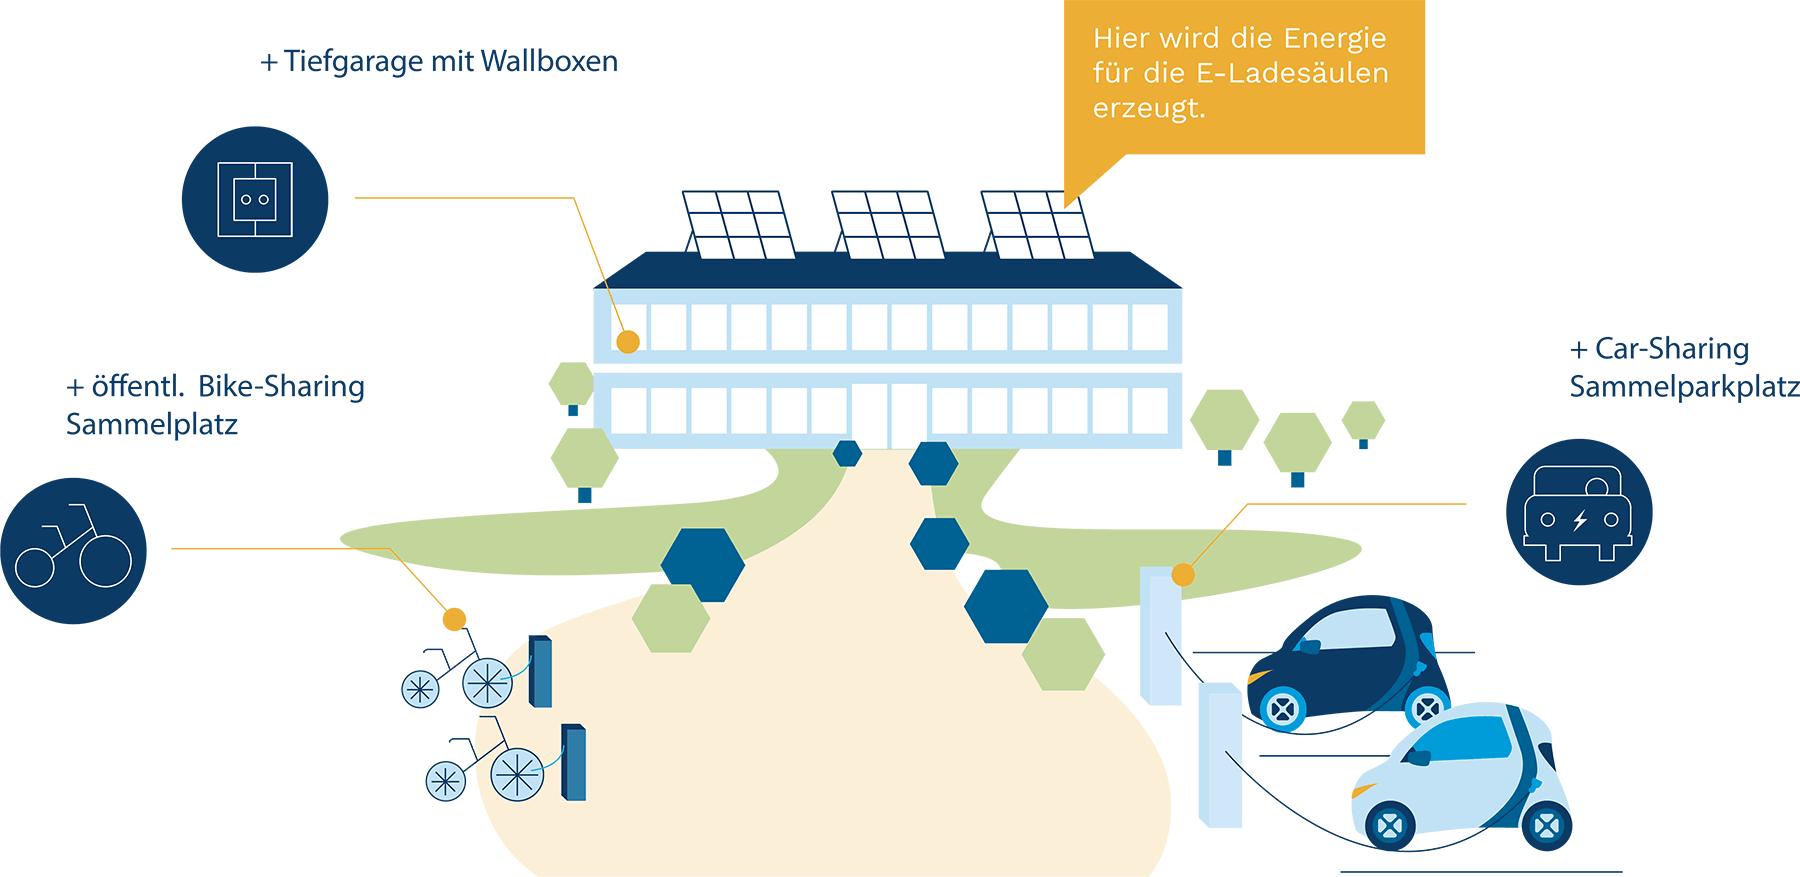 Kombination Photovoltaik und Elektromobilität im Quartier